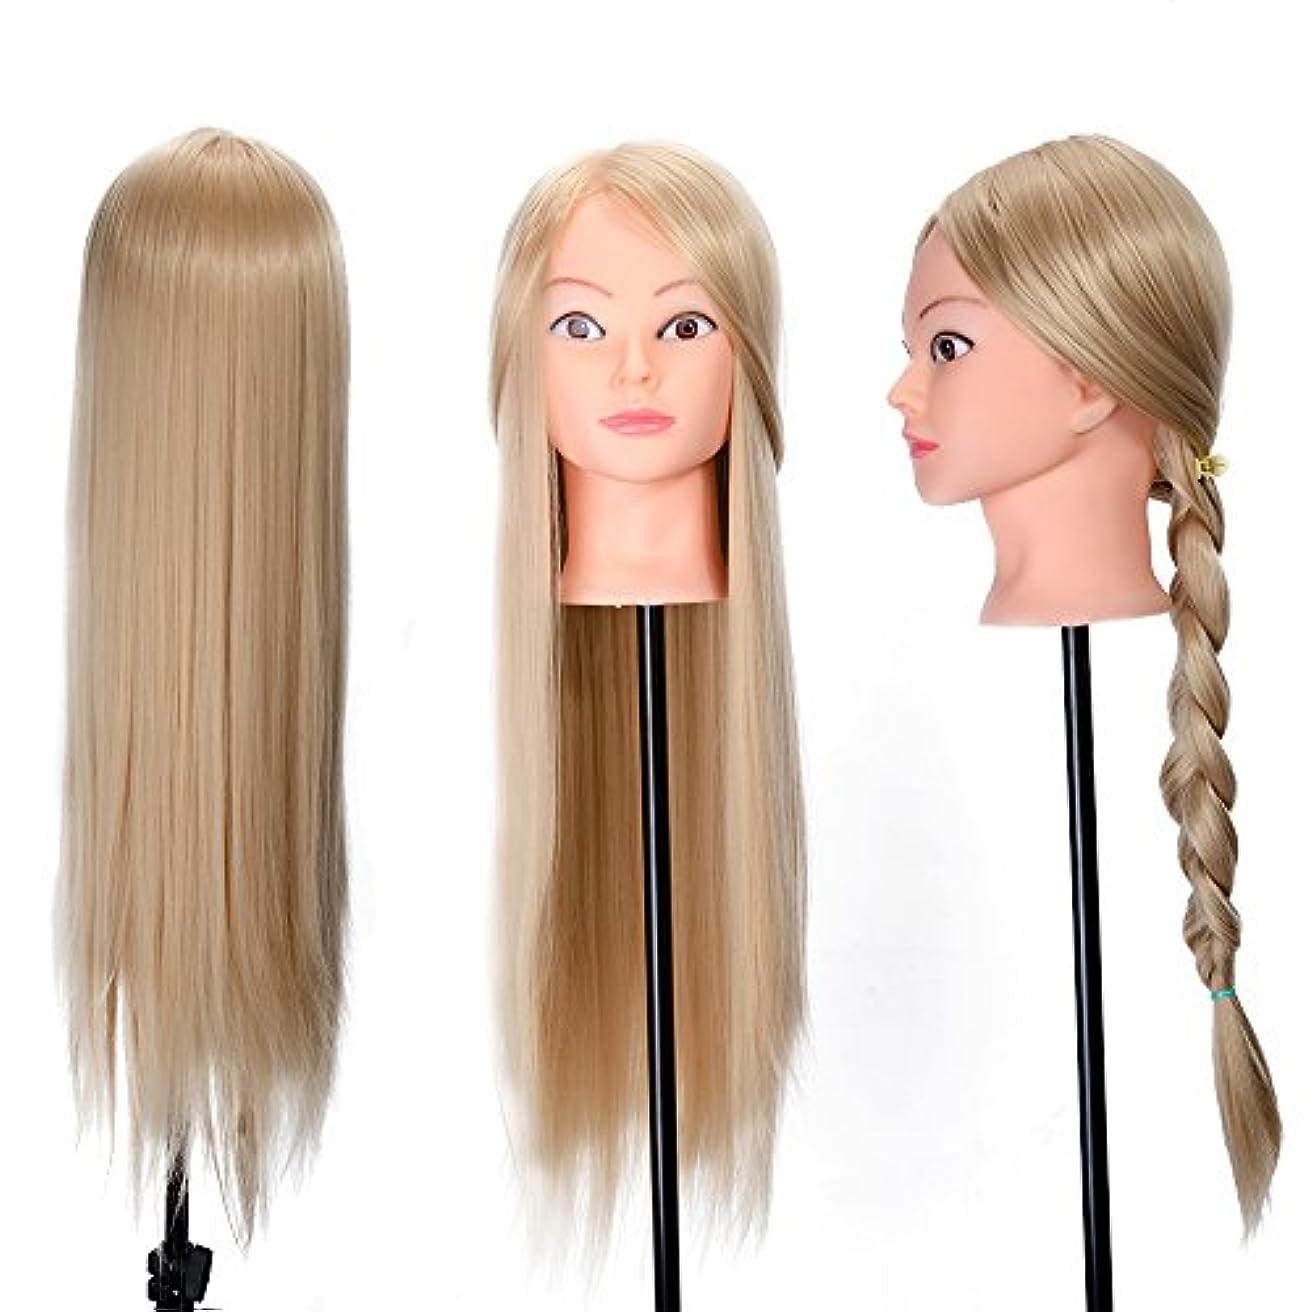 慢性的離すボス26インチトレーニングヘッドヘア編組モデルヘアスタイル人形でテーブルクランプサロンスタイリングデザインマネキンダミーヘッド